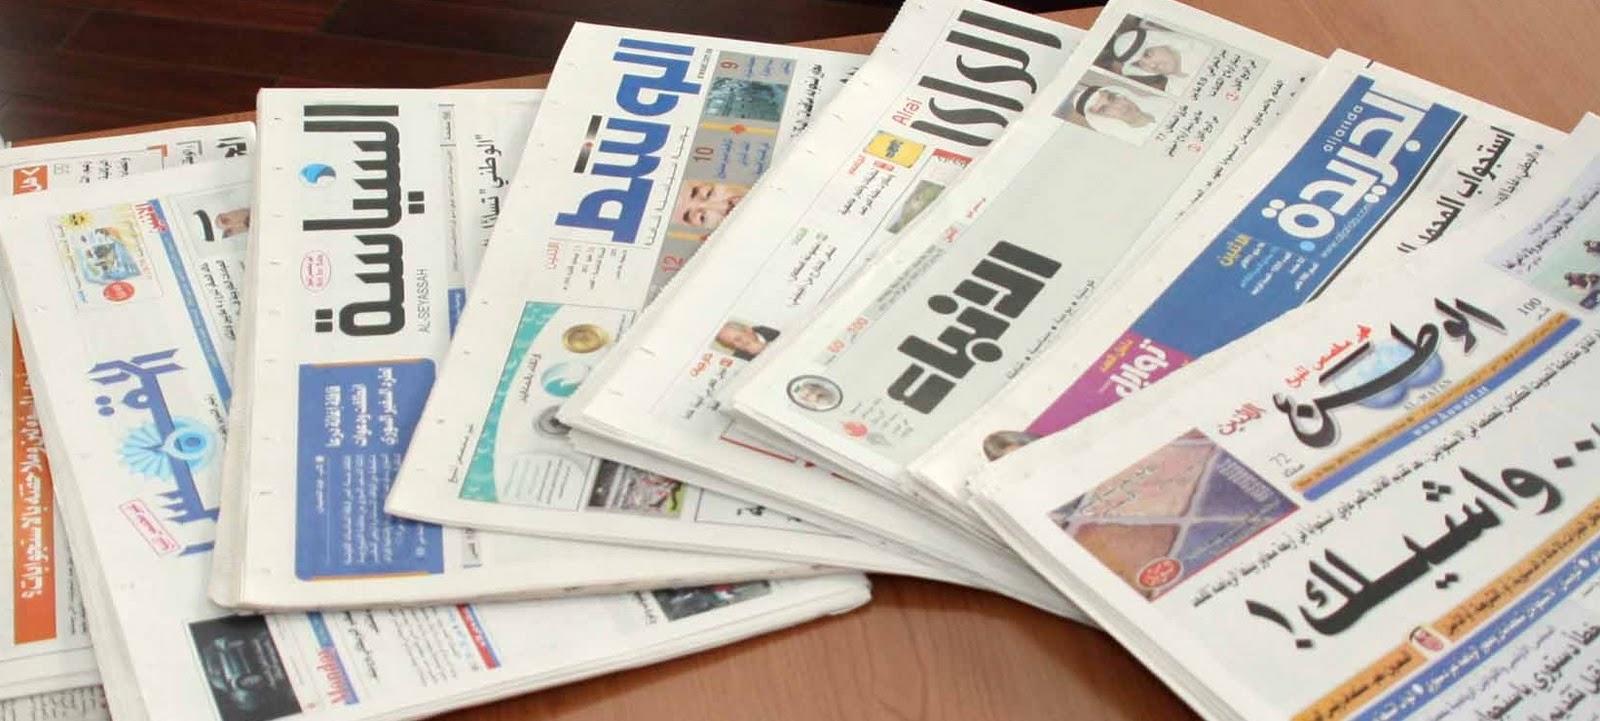 الجرائد و الصحف في الكويت